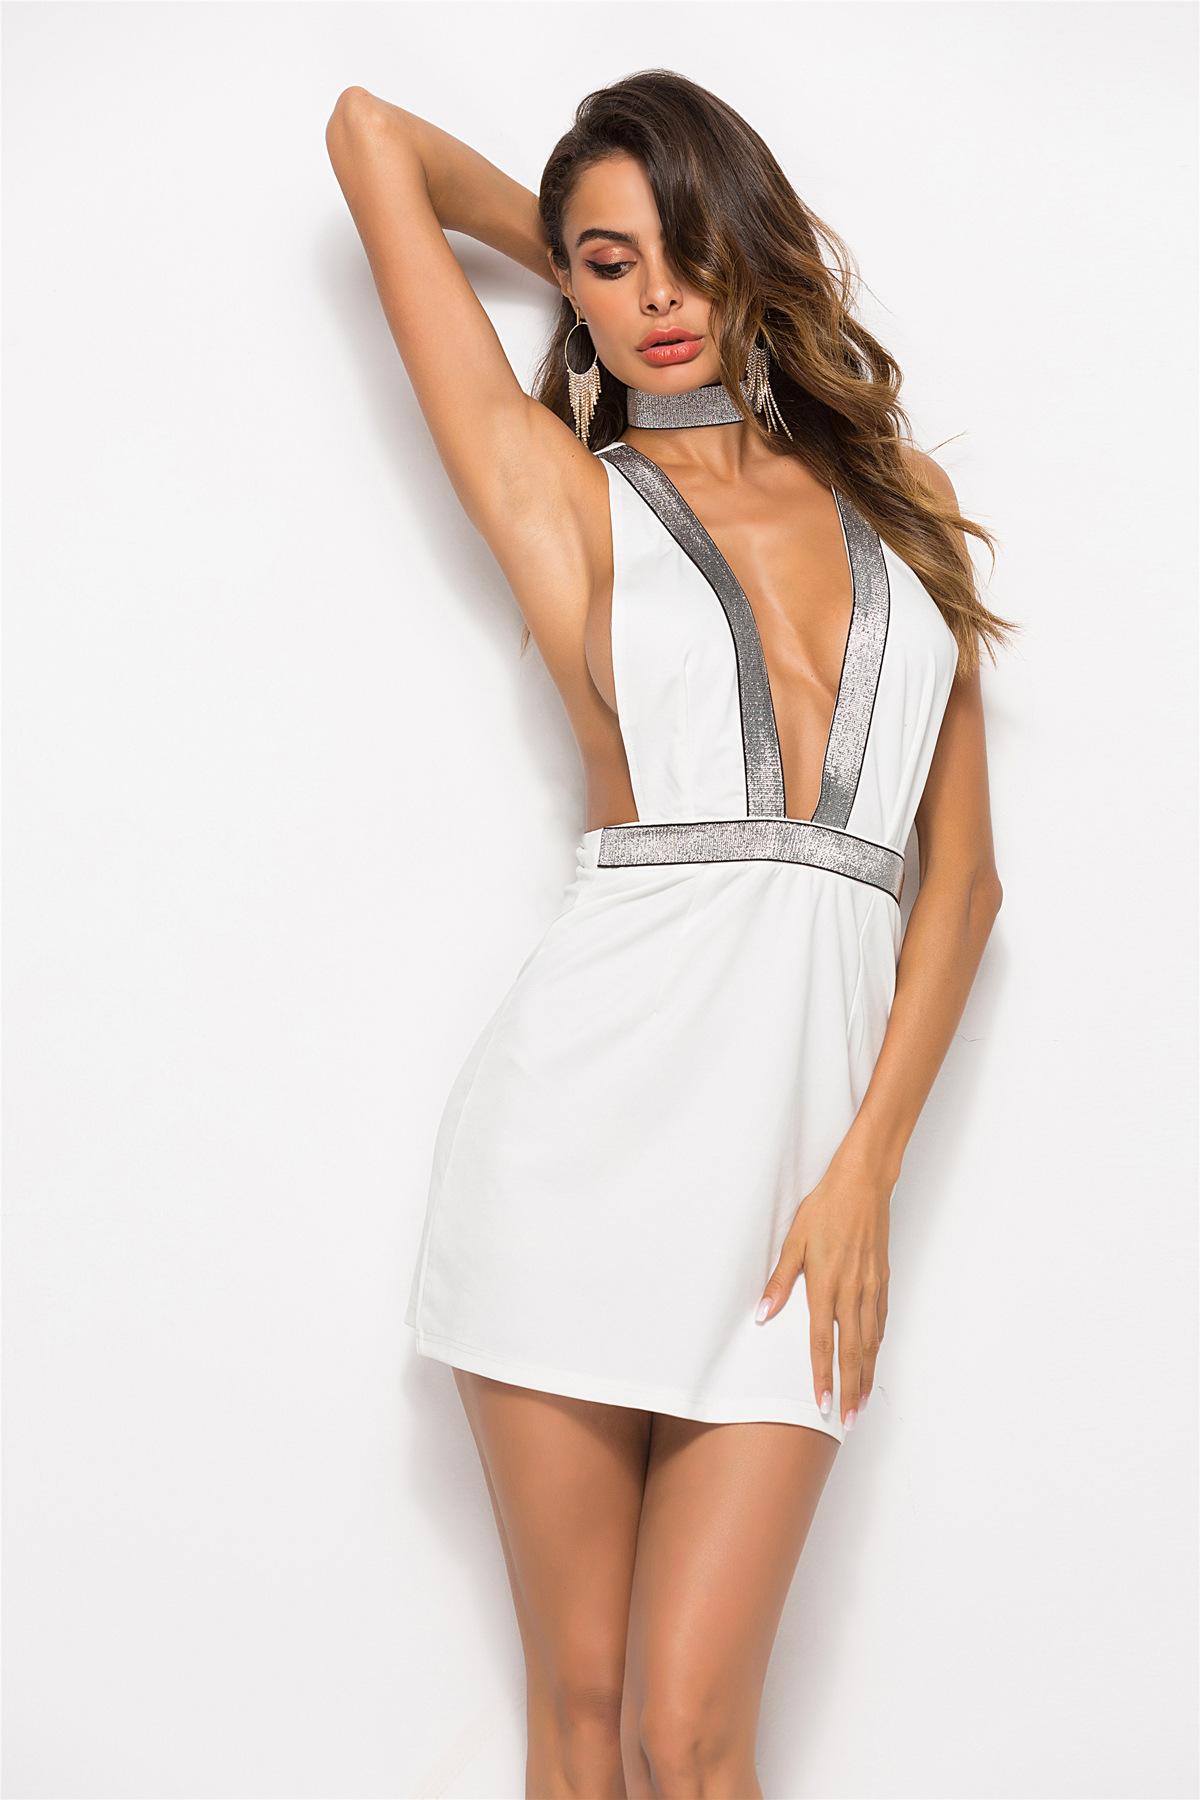 Polyester Fashionskirt(White-M) NHDF0835-White-M